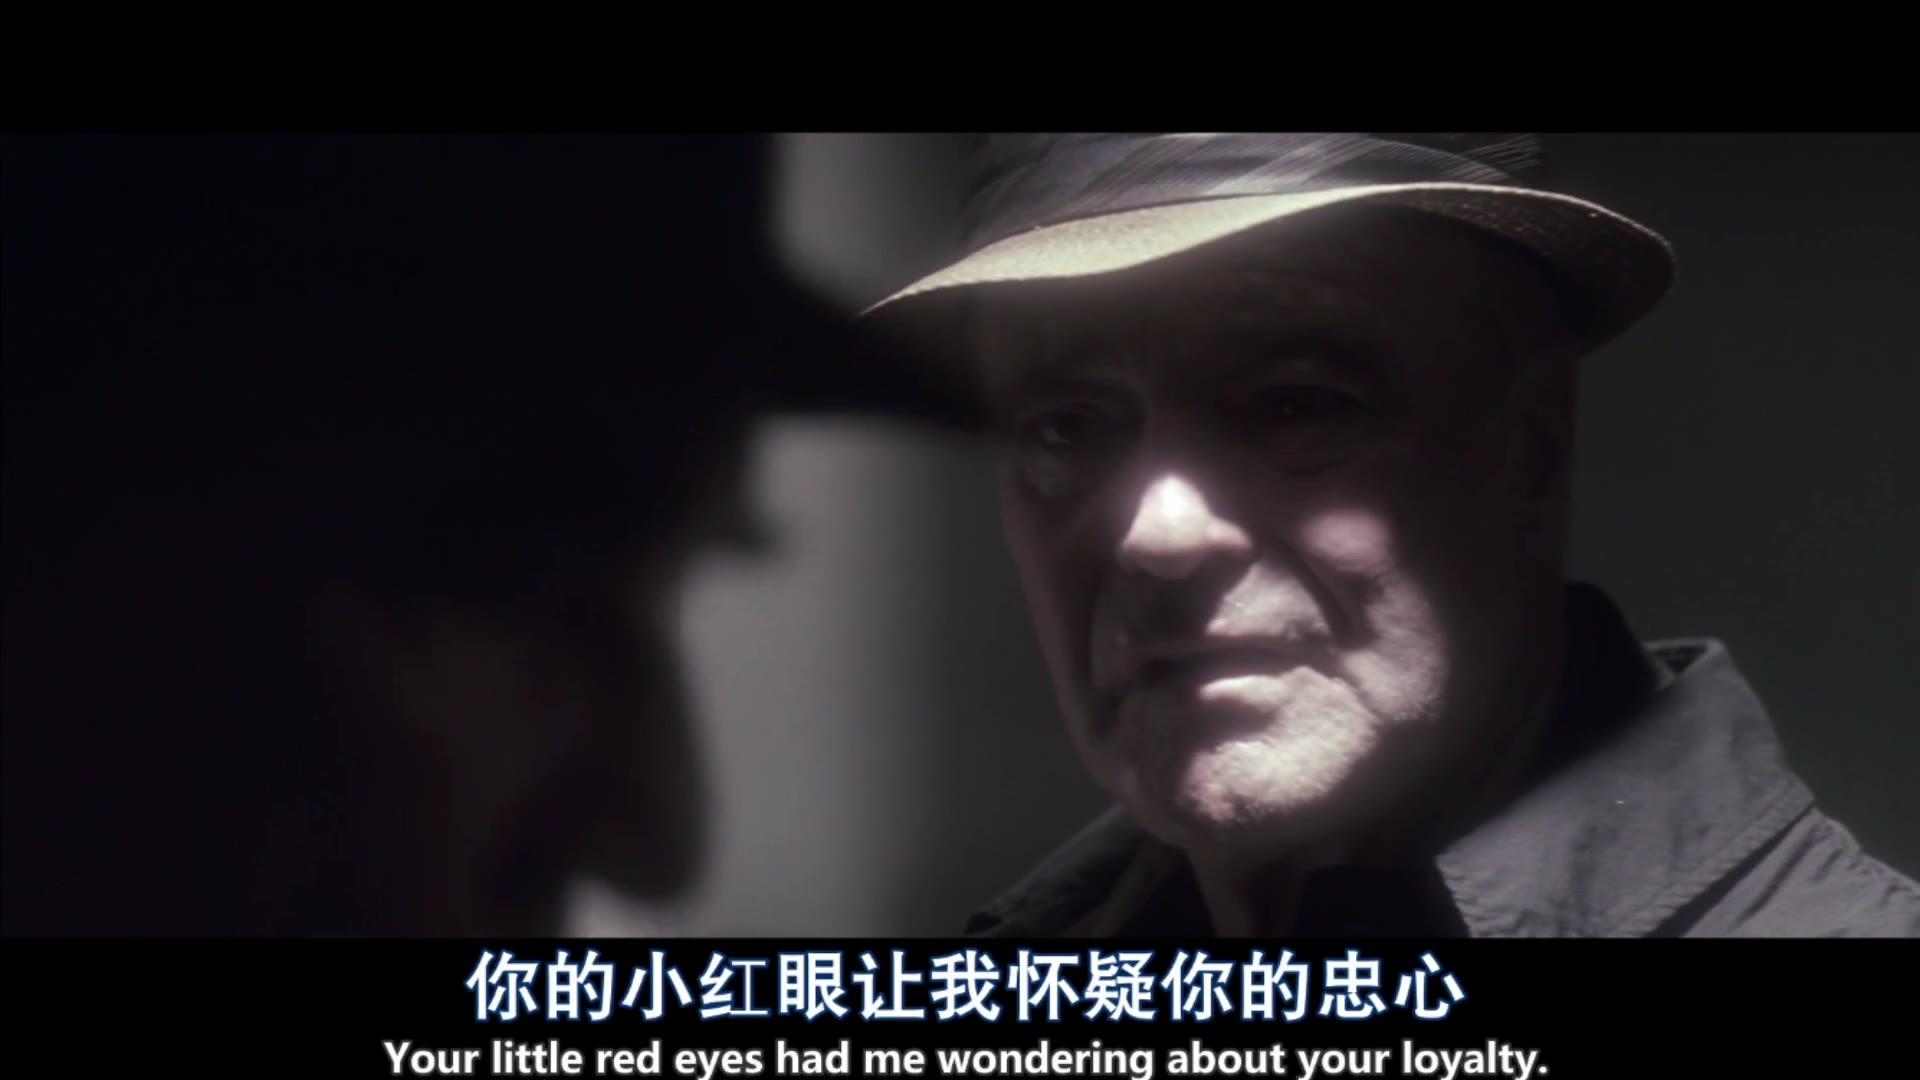 【47】《刺杀肯尼迪》最强蒙太奇拉片23